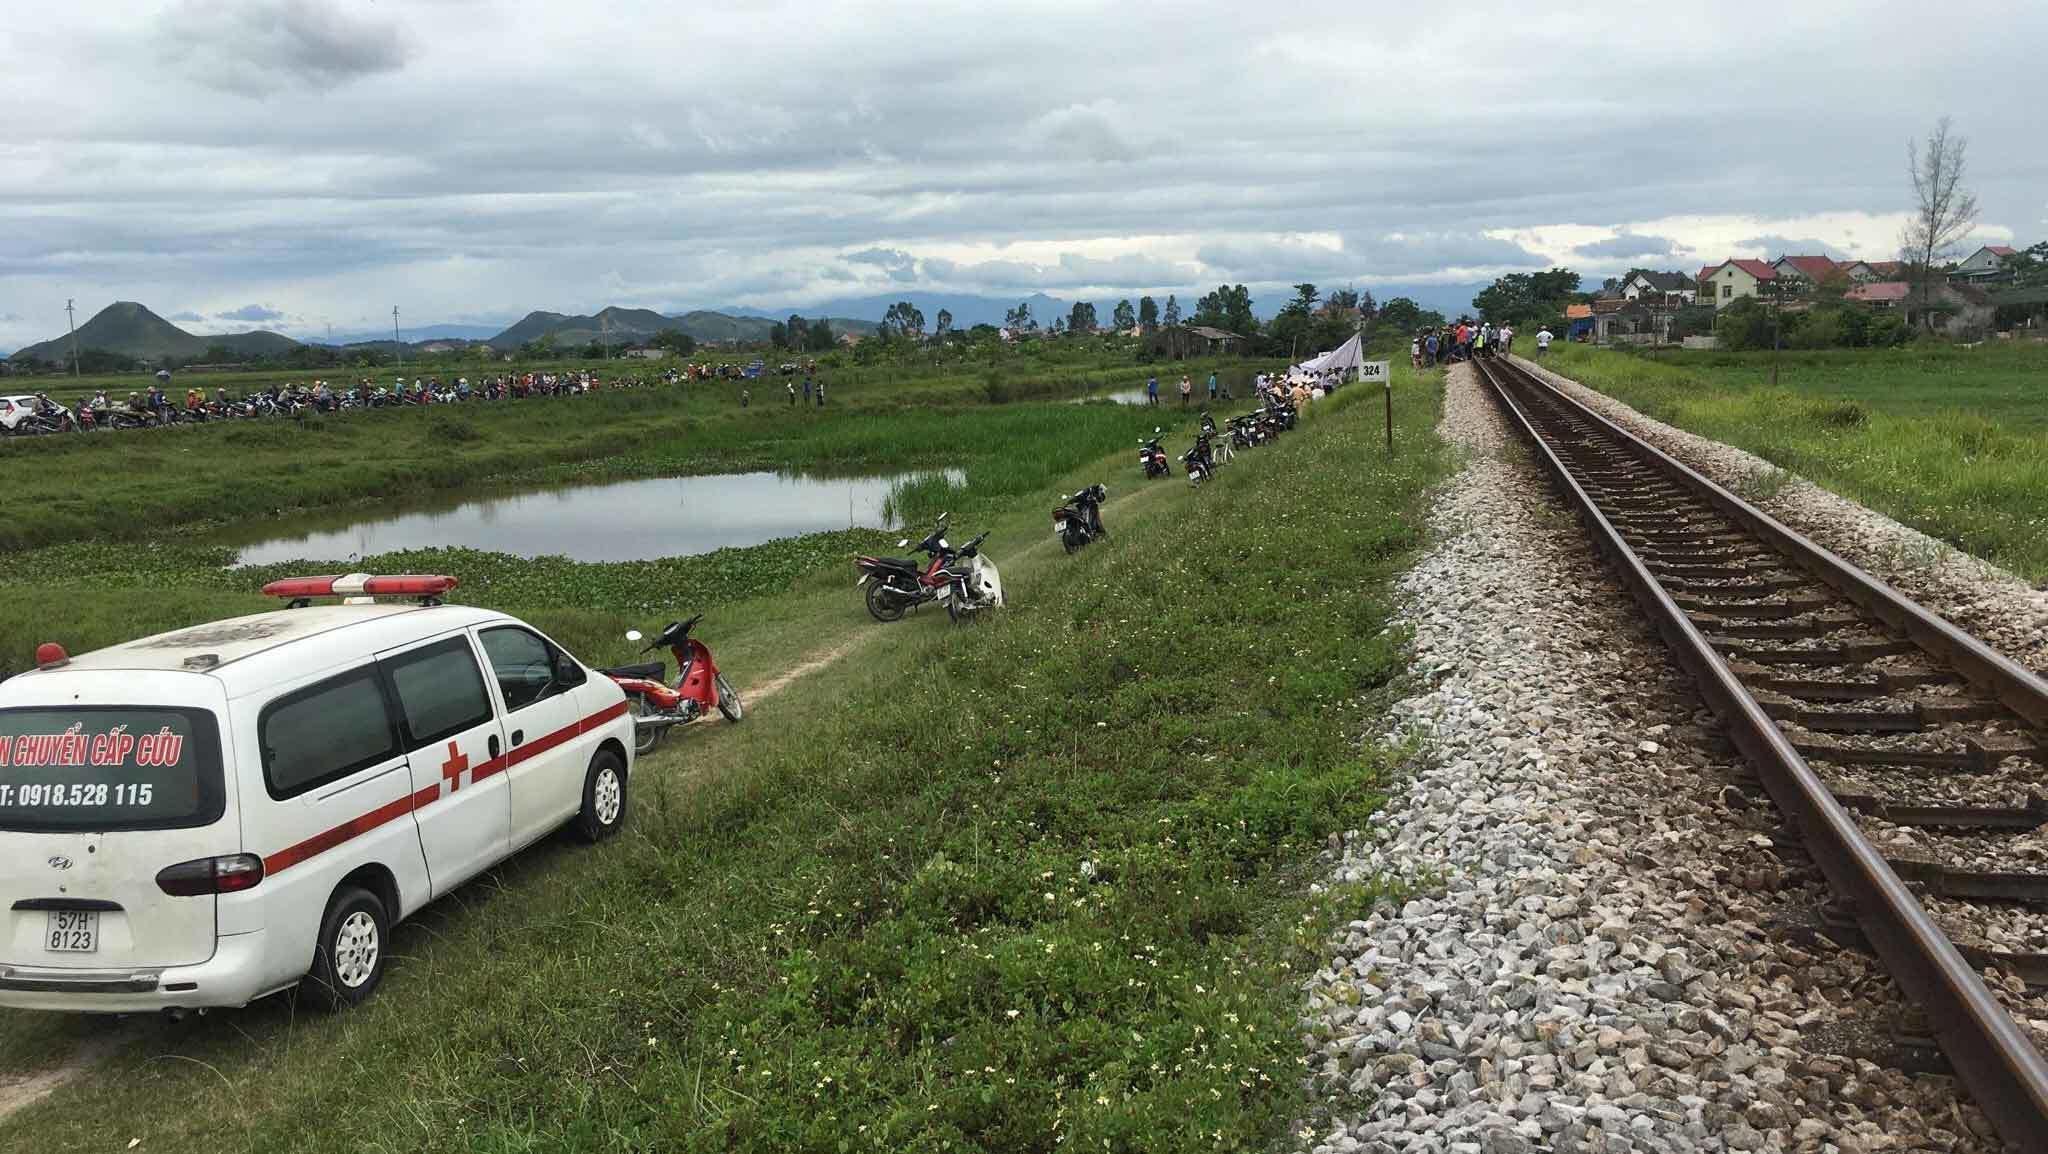 Tai nạn đường sắt,tai nạn tàu hoả,tai nạn chết người,Nghệ An,tai nạn,tai nạn giao thông